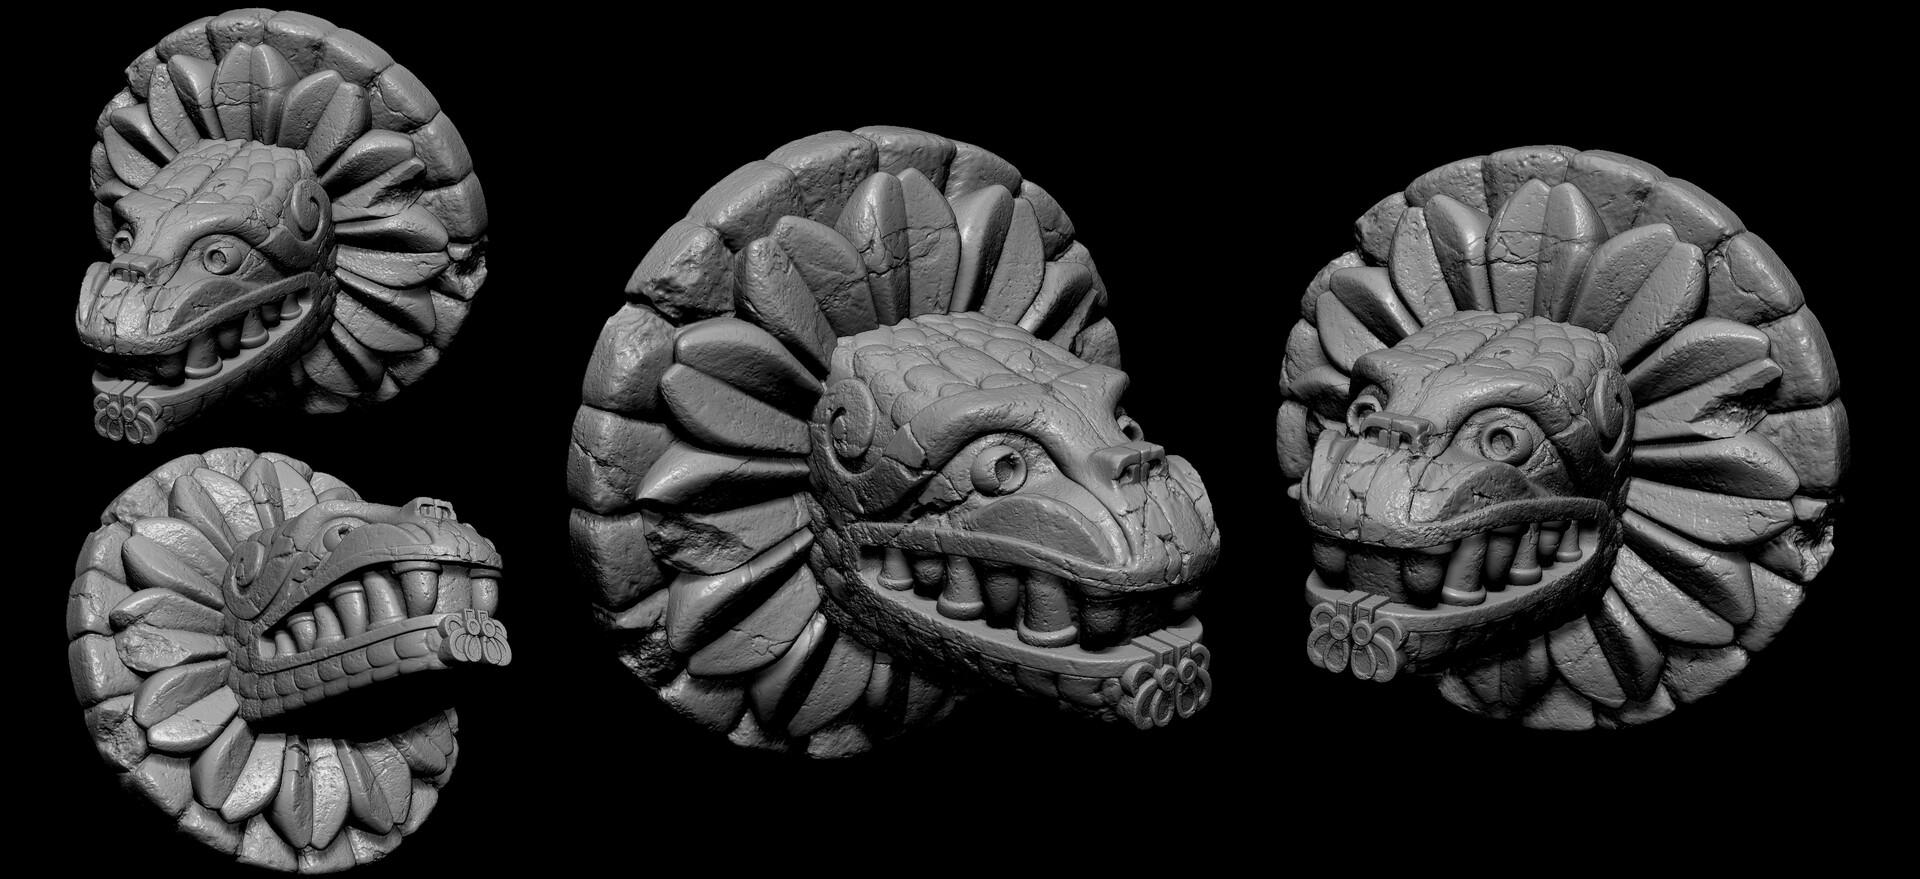 Wayne dalton aztec sculpts 001b